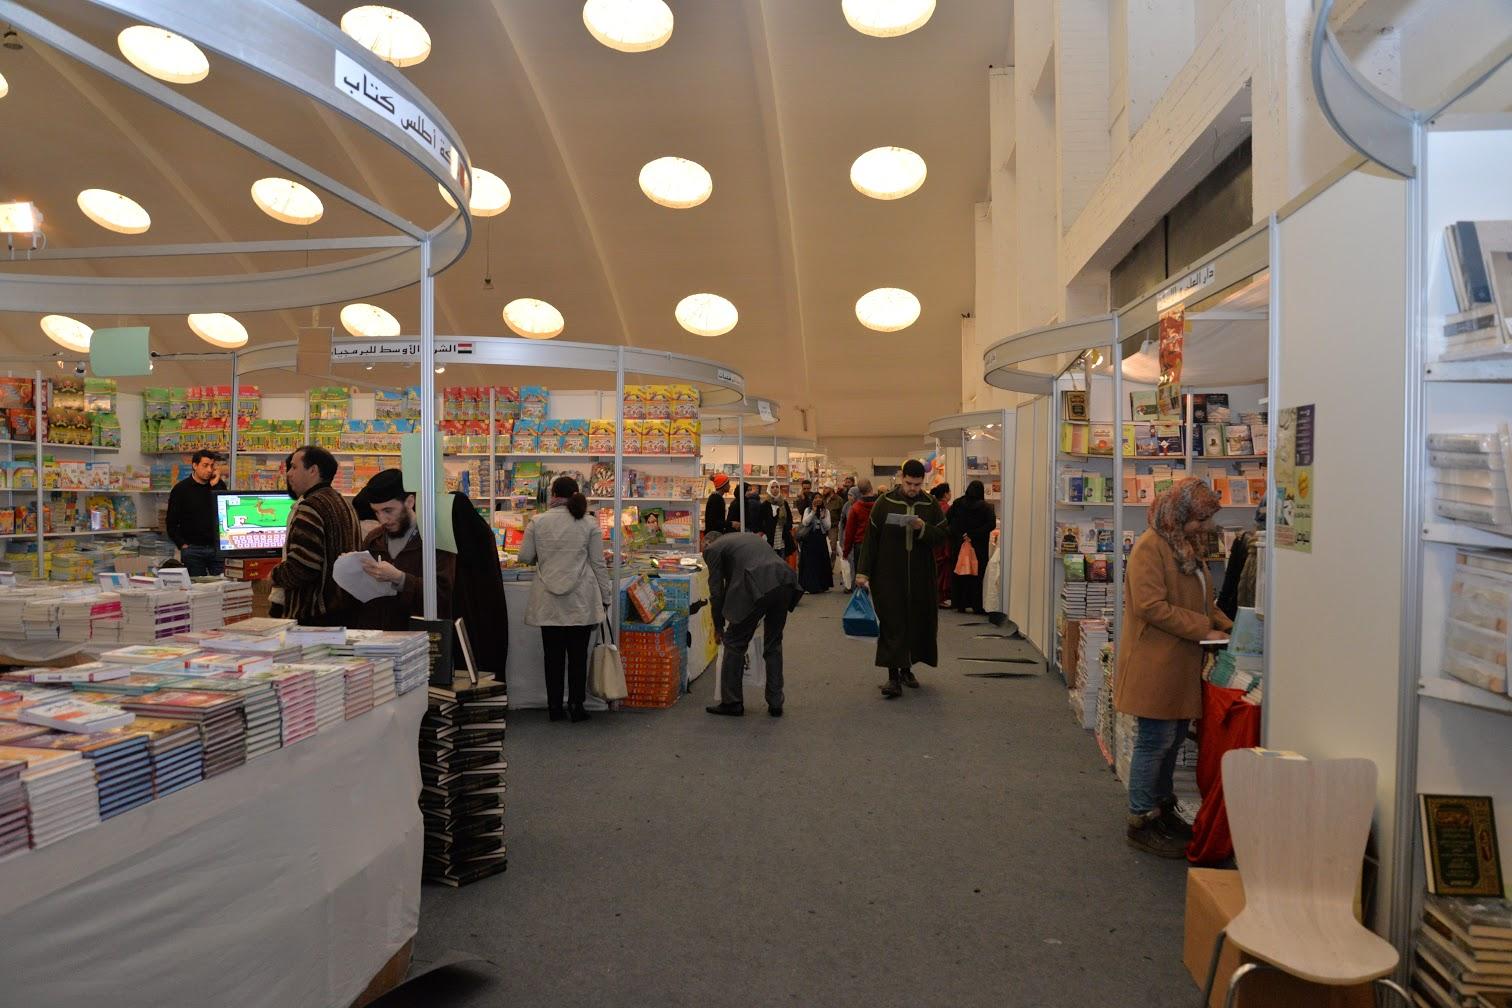 الجمعية المغربية للناشرين حاضرة بقوة خلال الدورة 24 للمعرض الدولي للنشر والكتاب